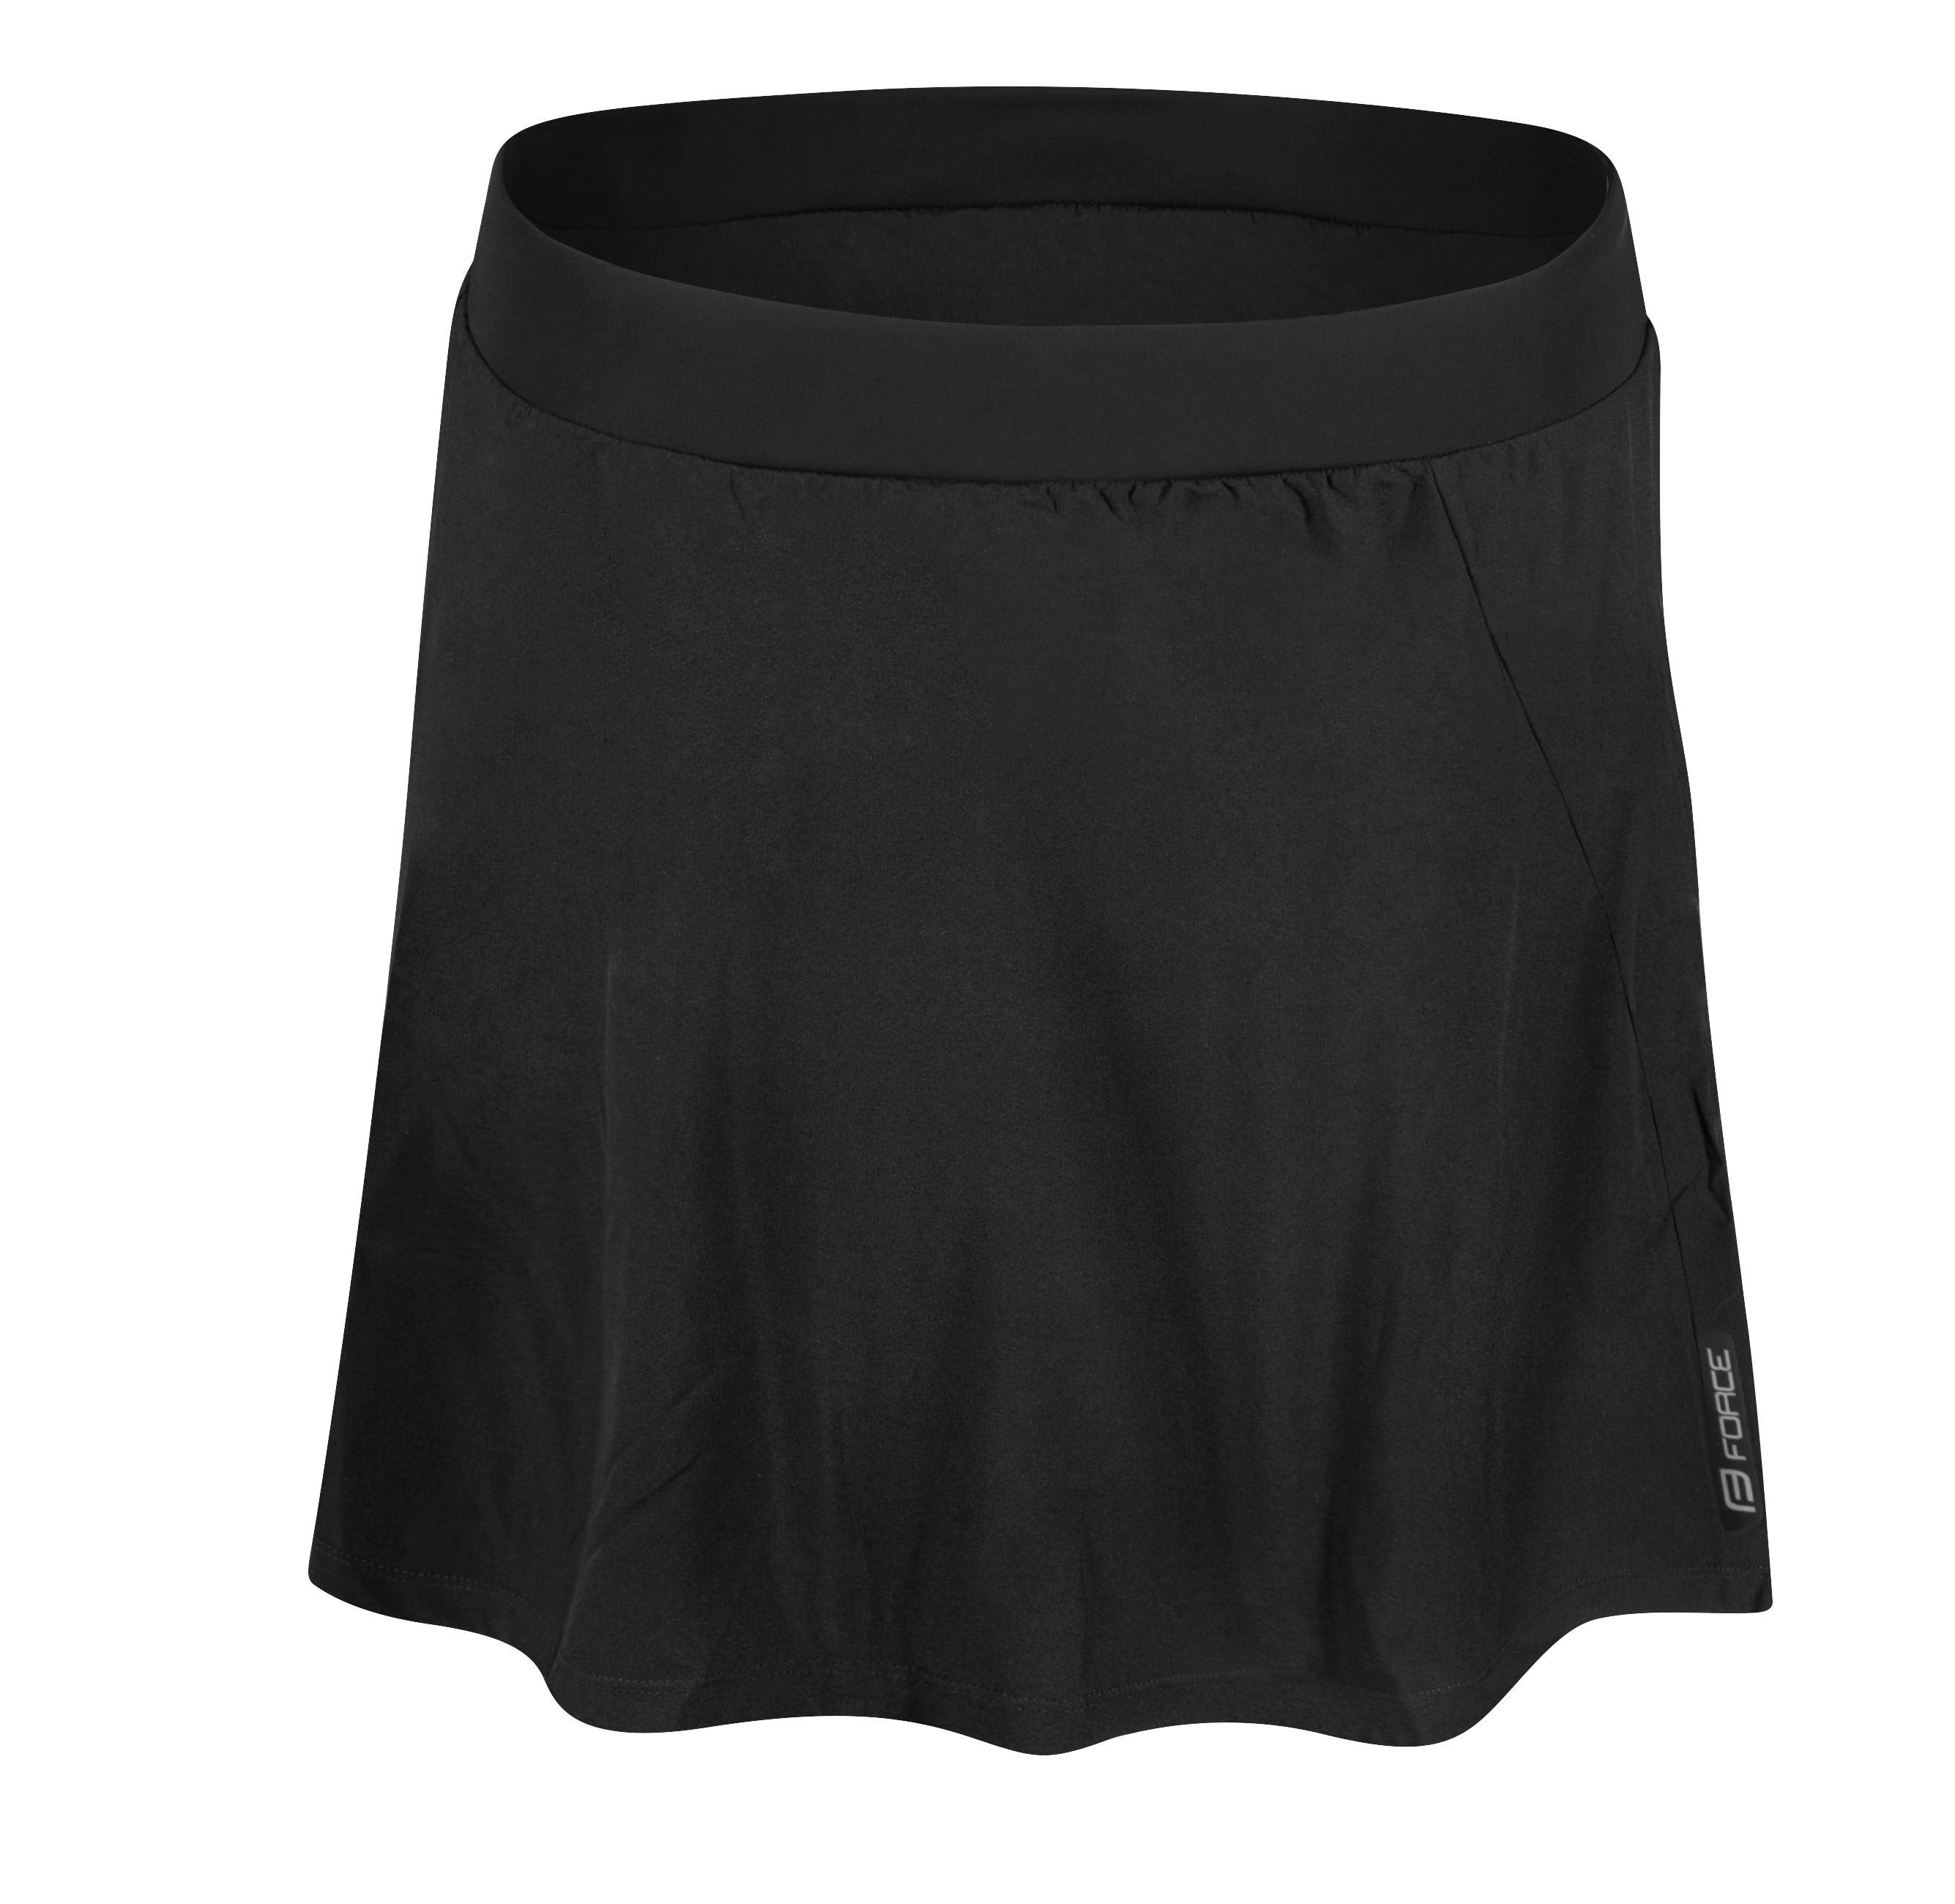 sukně FORCE DAISY do pasu s vložkou, černá XL